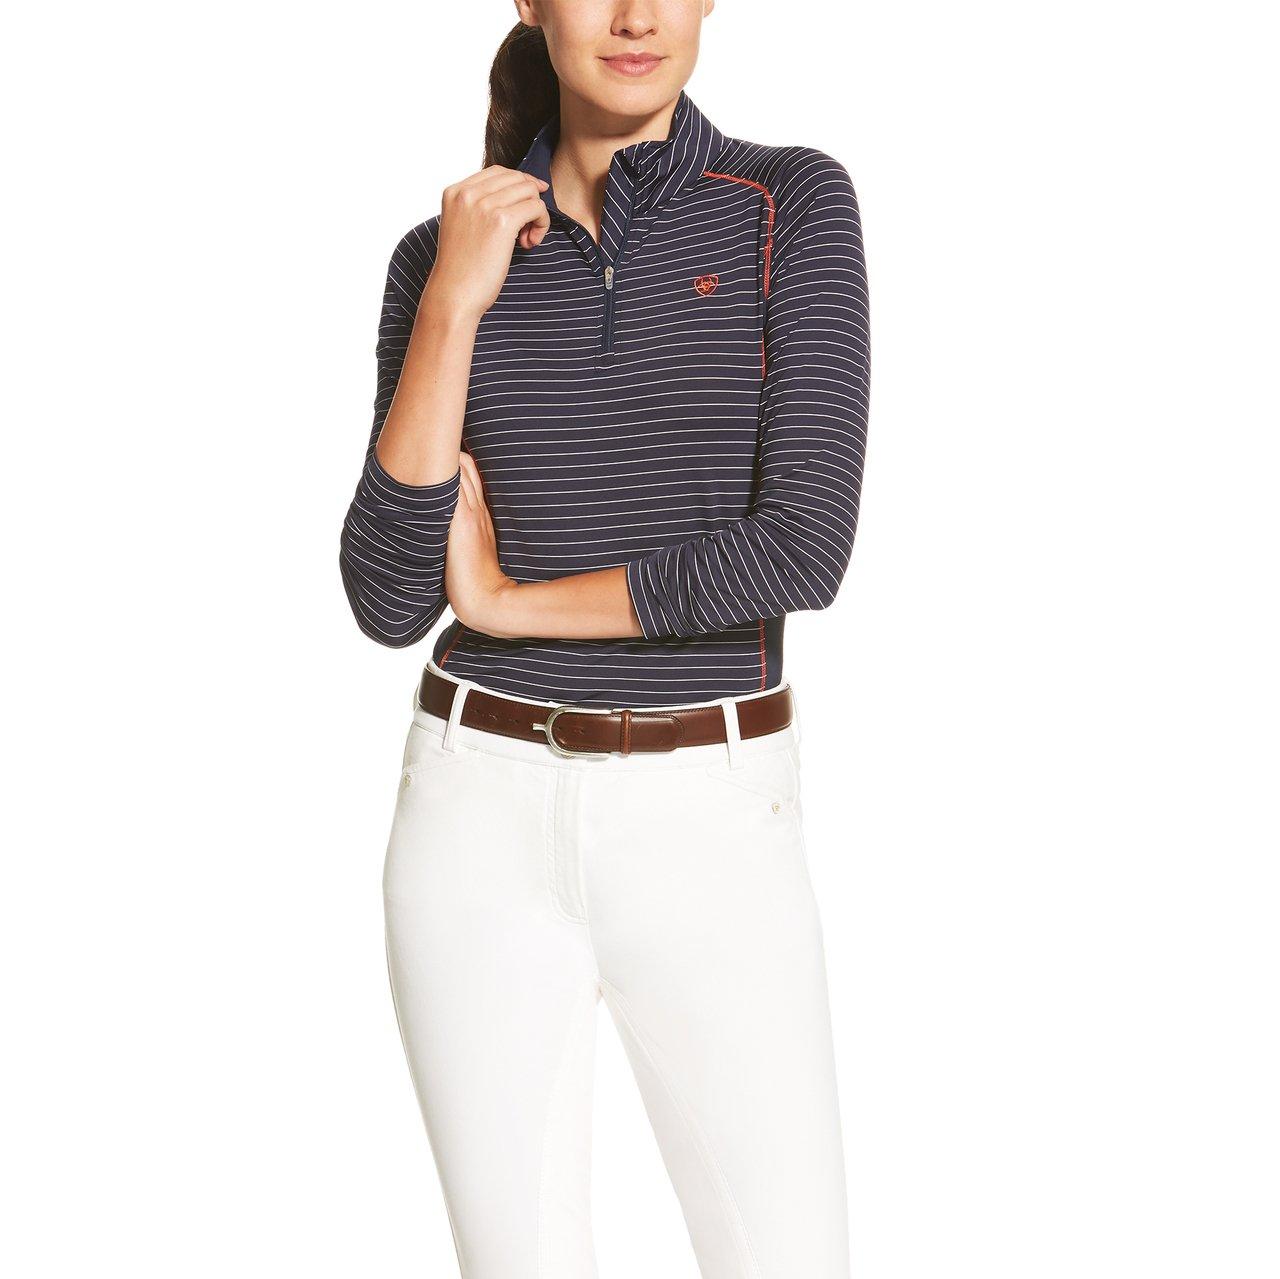 Ariat reitshirt Tri Factor 1/4Zip, Unisex, navy/white stripe, XL